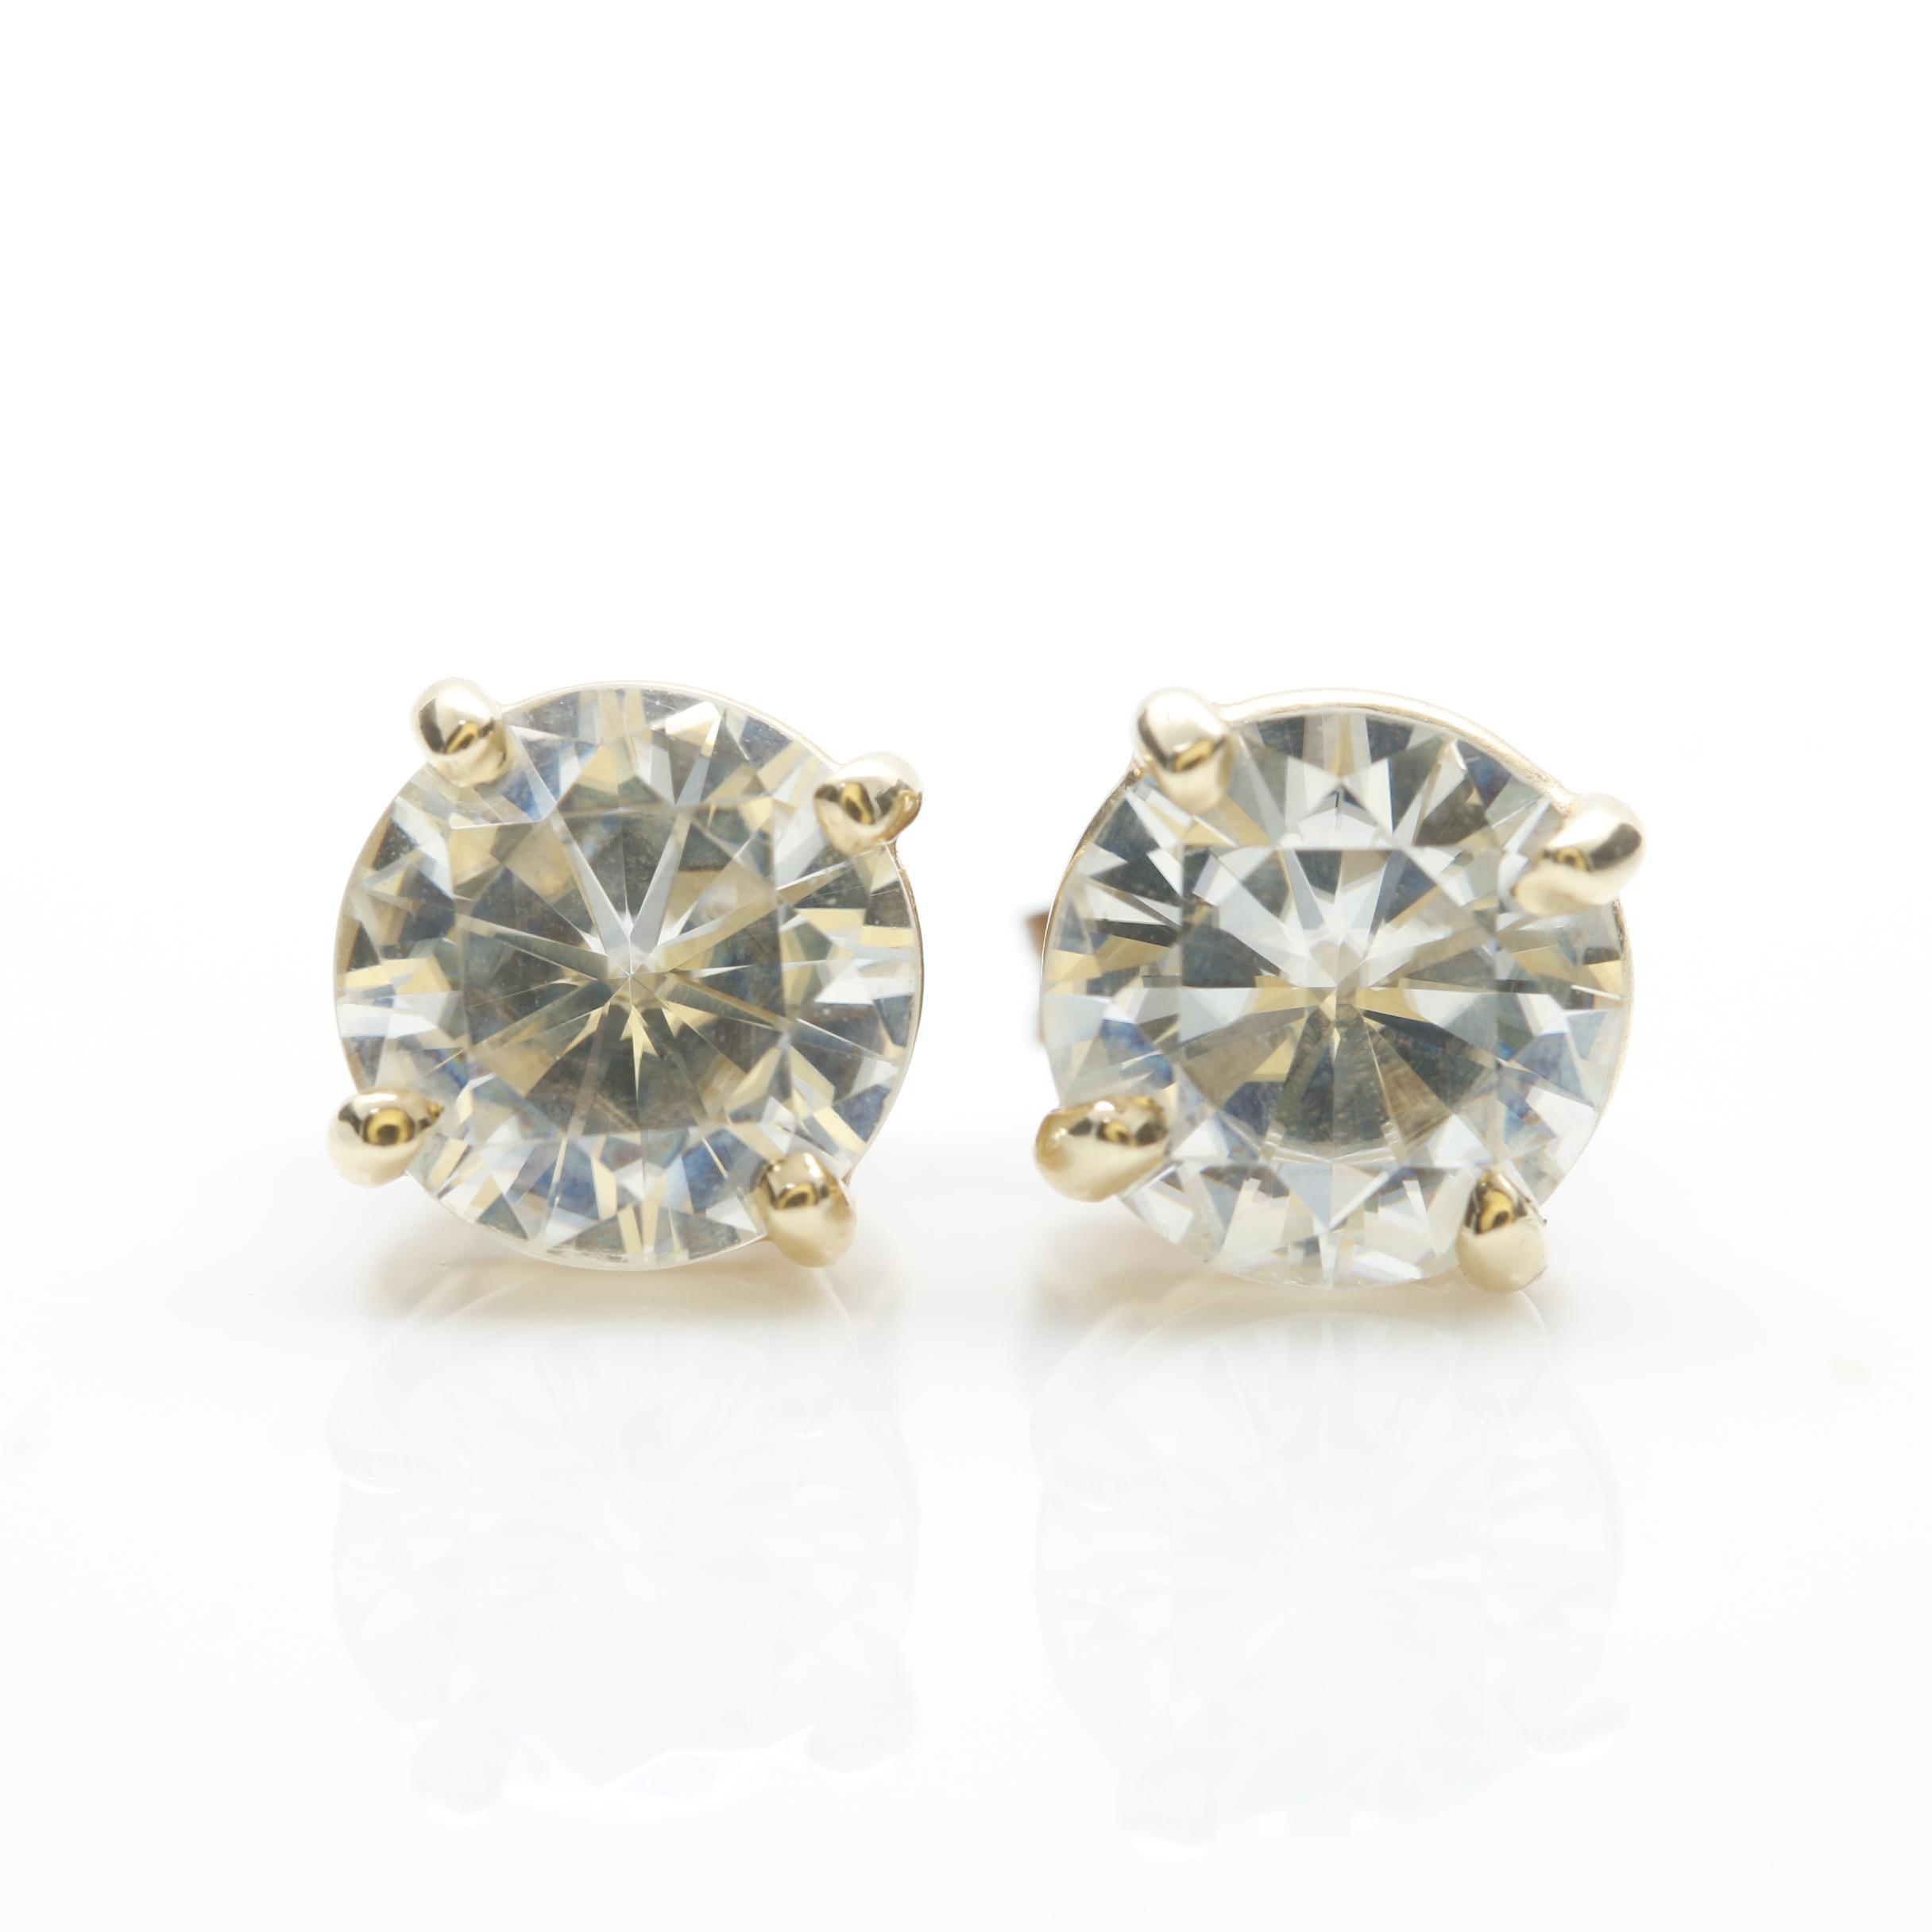 14K Yellow Gold Moissanite Stud Earrings